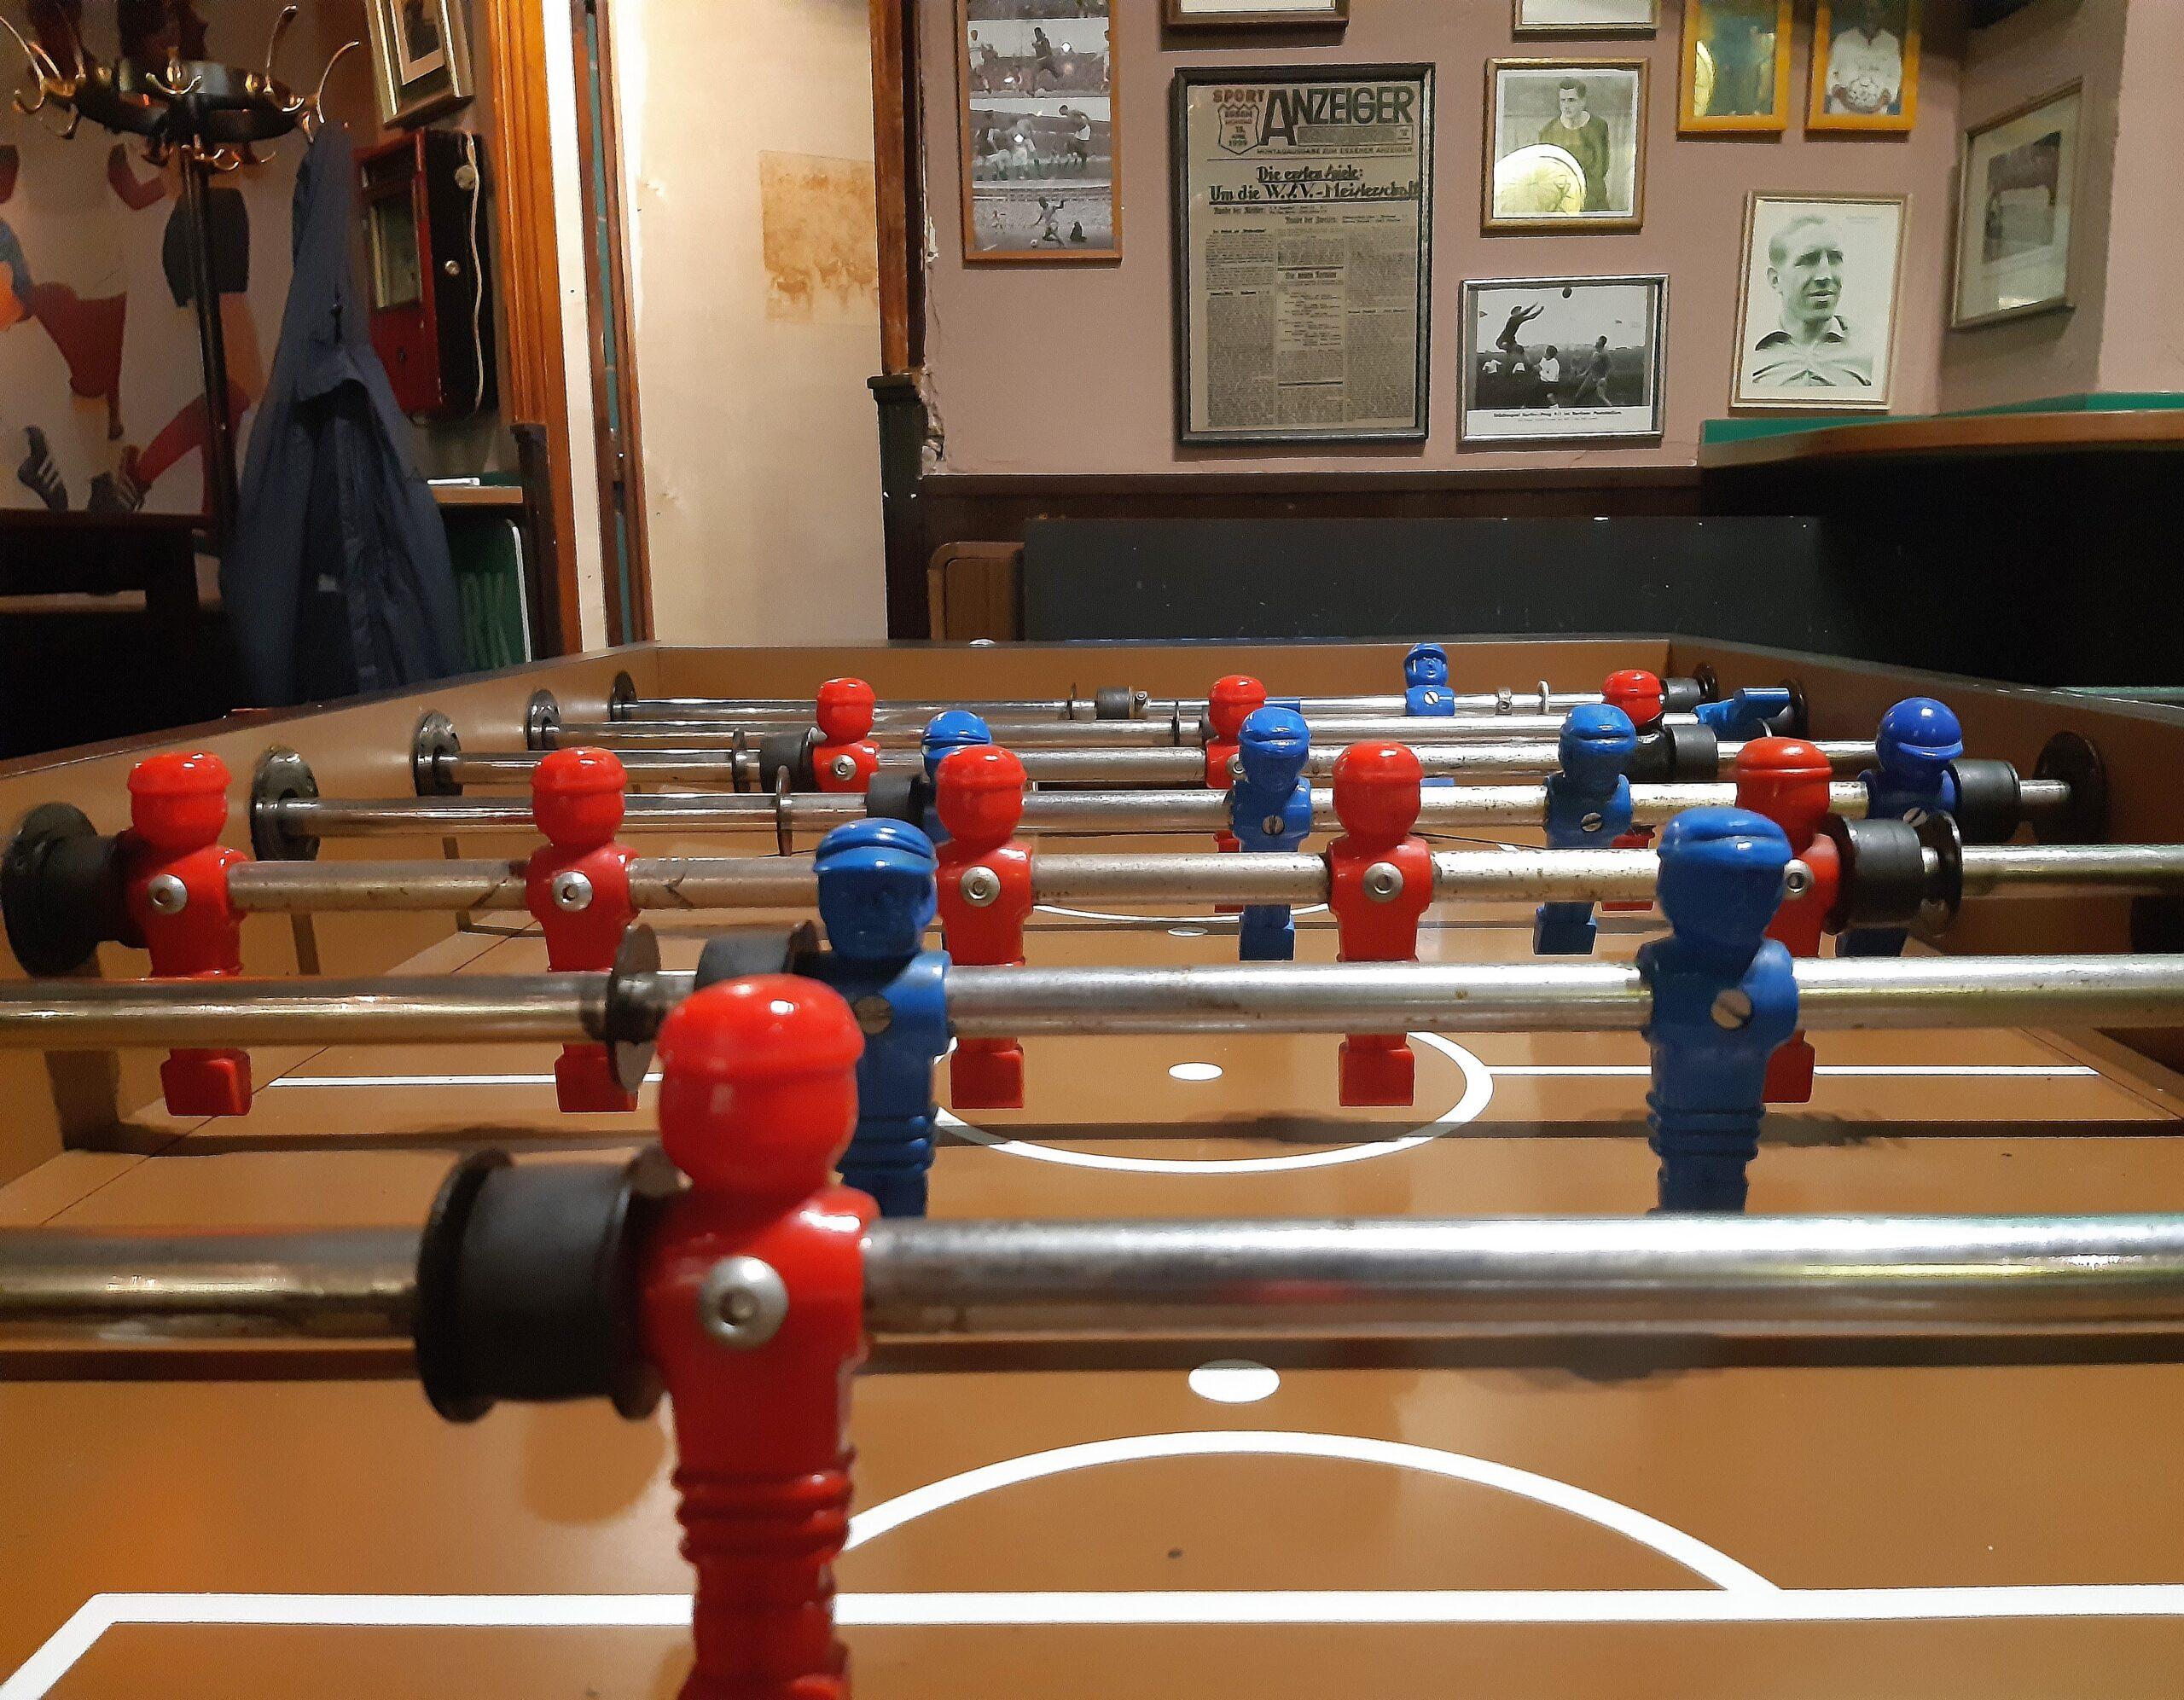 Inzwischen kann man auch Tischfußball in der 11 Freunde-Bar spielen